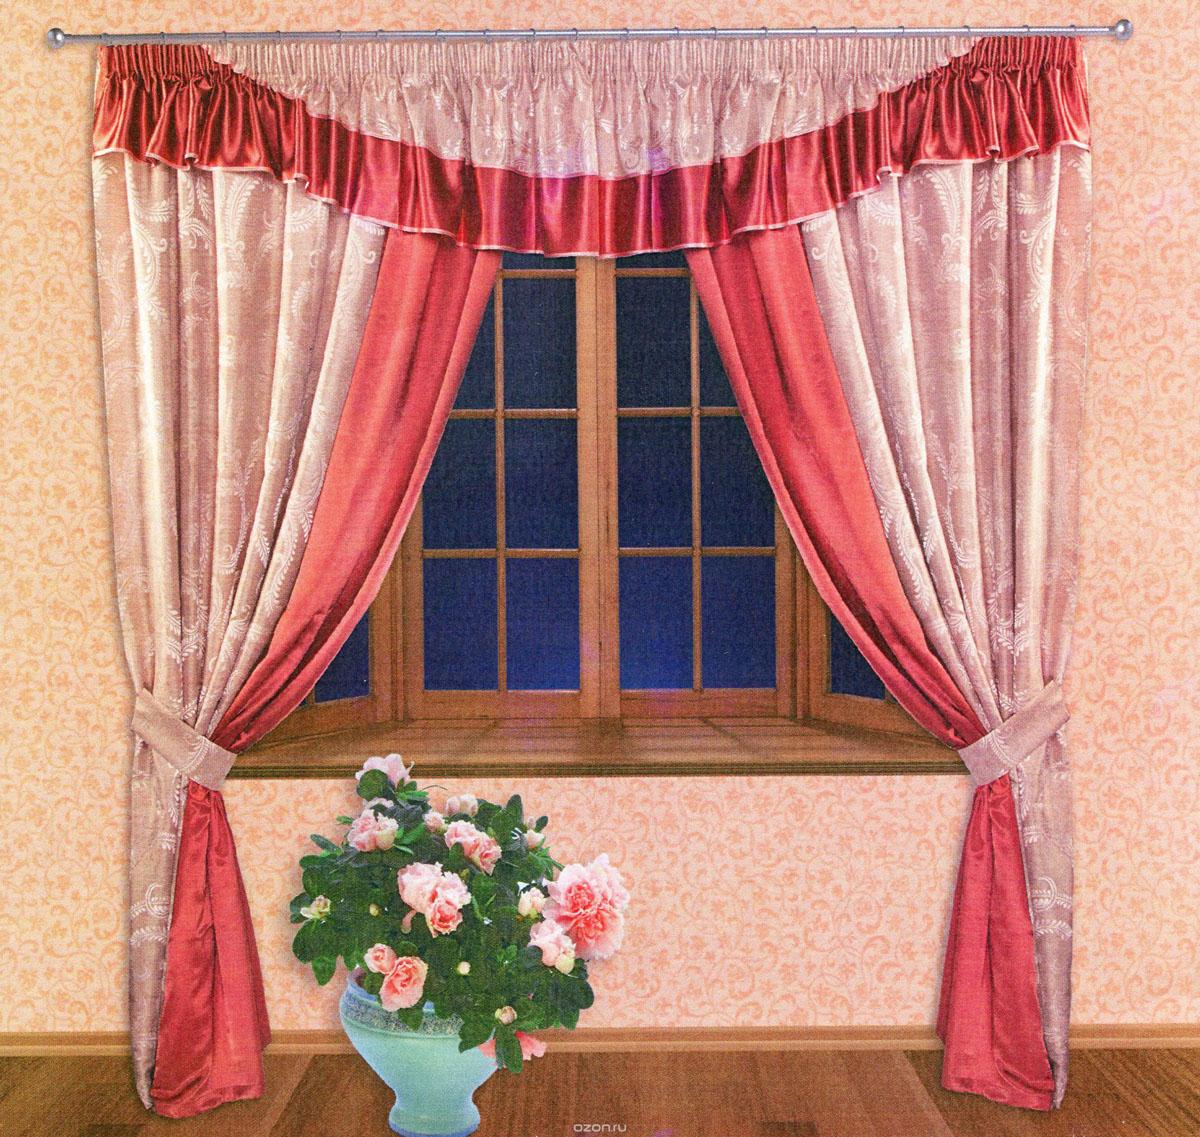 Комплект штор Zlata Korunka, на ленте, цвет: красный, бледно-розовый, высота 250 см. 5551020151-9Роскошный комплект штор Zlata Korunka, выполненный из ткани шанзализе и сатина (100% полиэстера), великолепно украсит любое окно. Комплект состоит из двух портьер, ламбрекена и двух подхватов. Плотная ткань, оригинальный орнамент и приятная, приглушенная гамма привлекут к себе внимание и органично впишутся в интерьер помещения. Комплект крепится на карниз при помощи шторной ленты, которая поможет красиво и равномерно задрапировать верх. Портьеры можно зафиксировать в одном положении с помощью двух подхватов. Этот комплект будет долгое время радовать вас и вашу семью! В комплект входит: Портьера: 2 шт. Размер (ШхВ): 210 см х 250 см. Ламбрекен: 1 шт. Размер (ШхВ): 450 см х 50 см.Подхват: 2 шт. Размер (ШхВ): 60 см х 10 см.